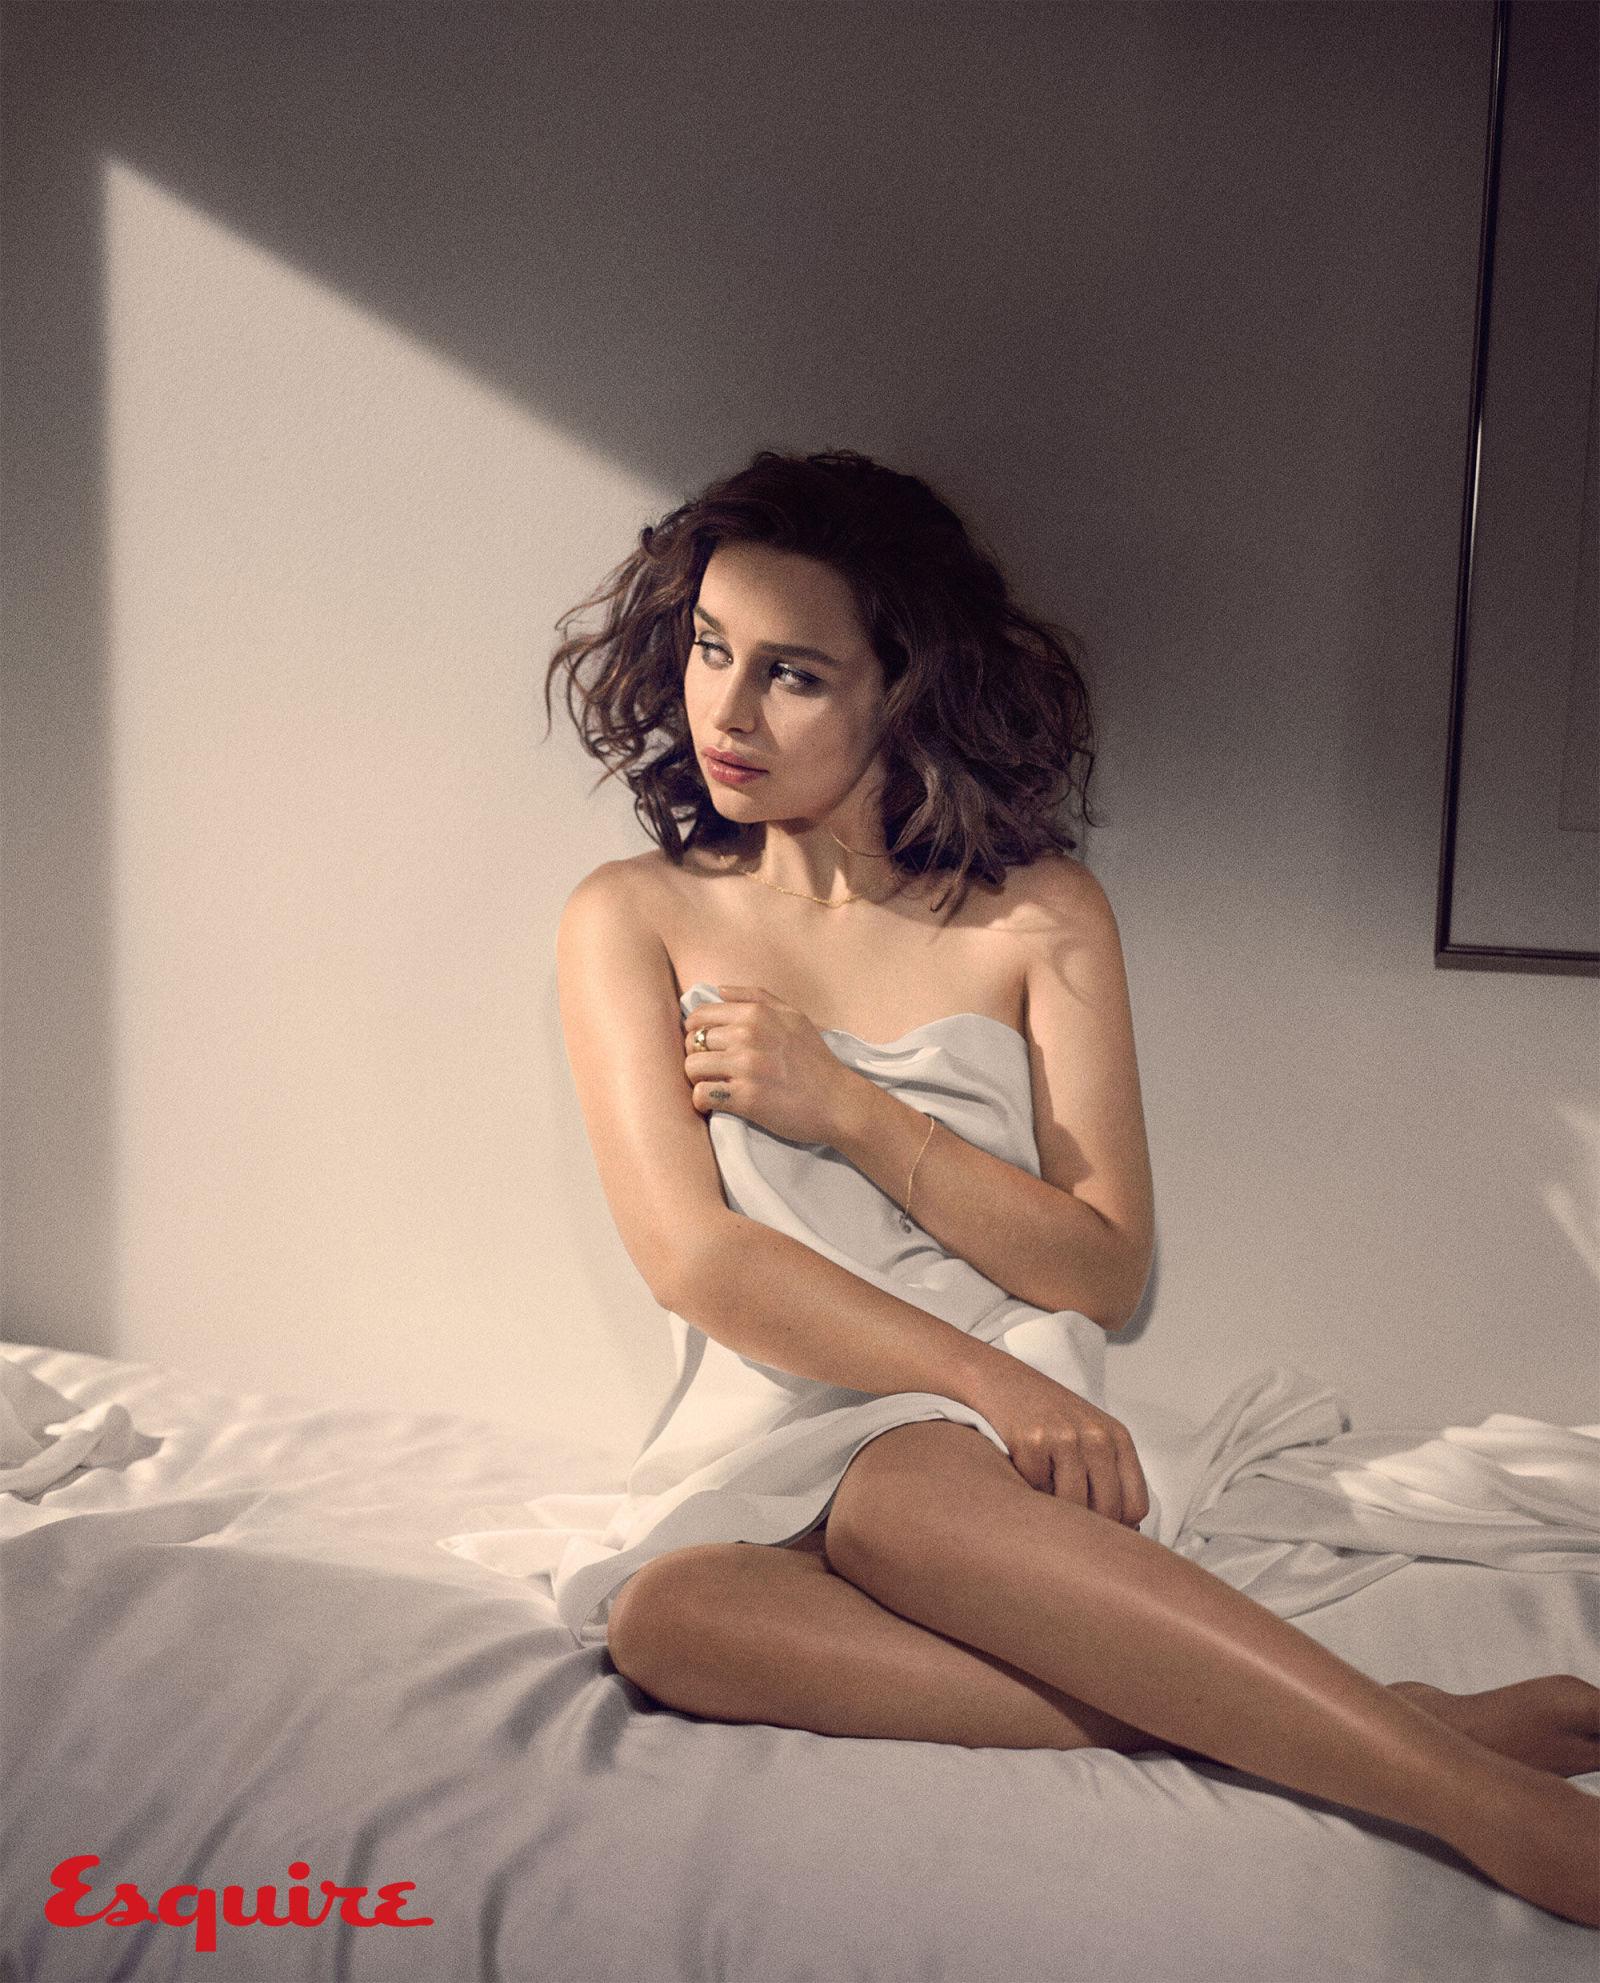 gallery-1444418872-emilia-clarke-sexiest-woman-alive-2015-004.jpg